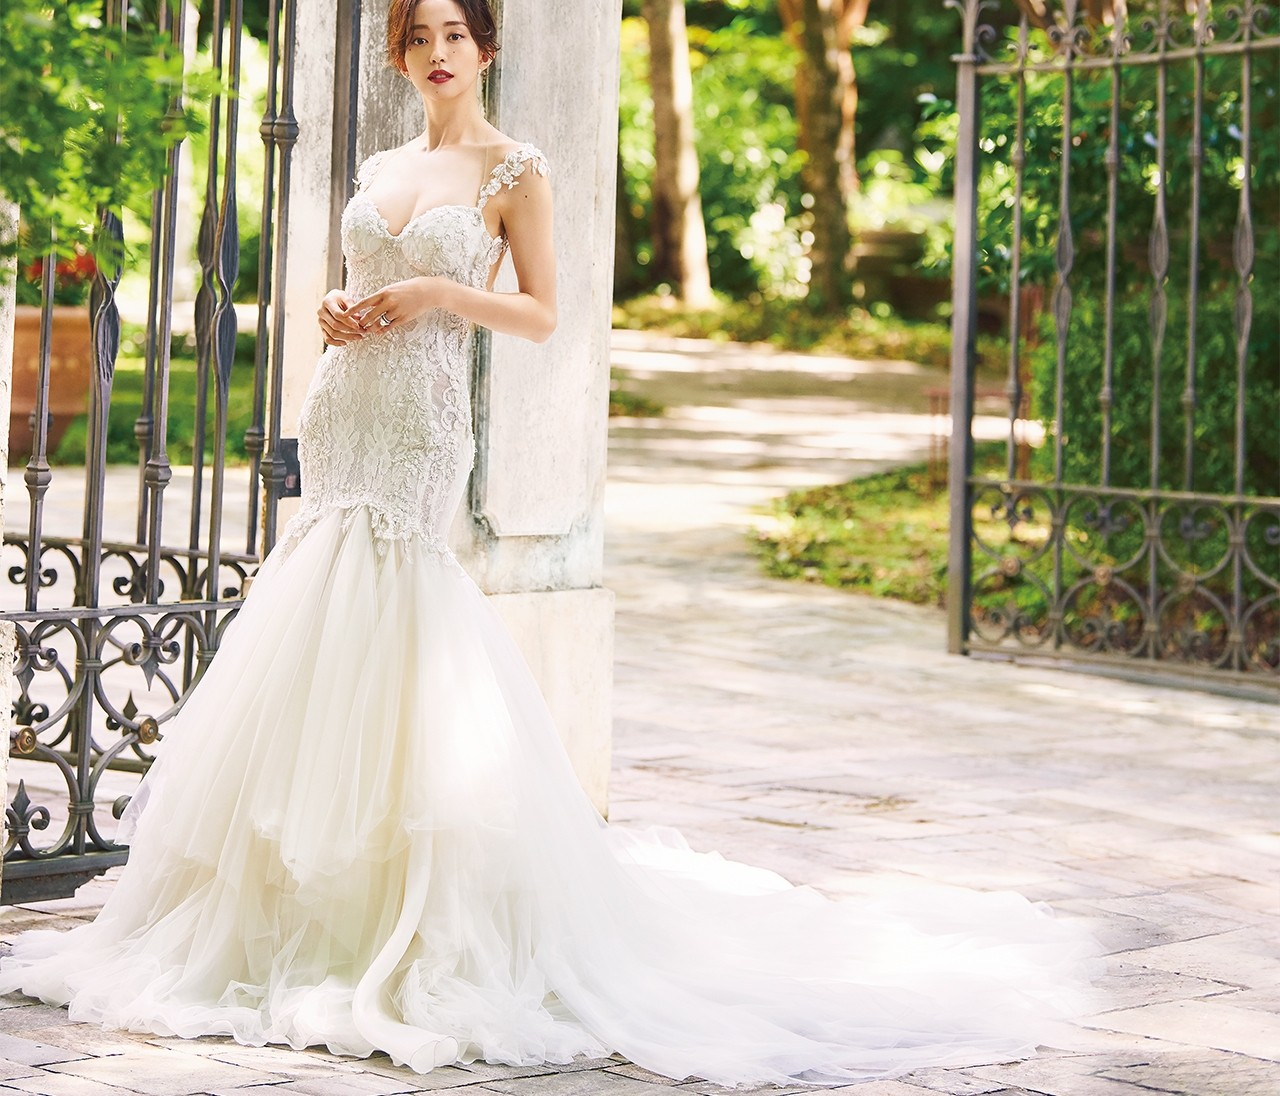 レースたっぷりの華やかウェディングドレスで自分史上最高に輝いて